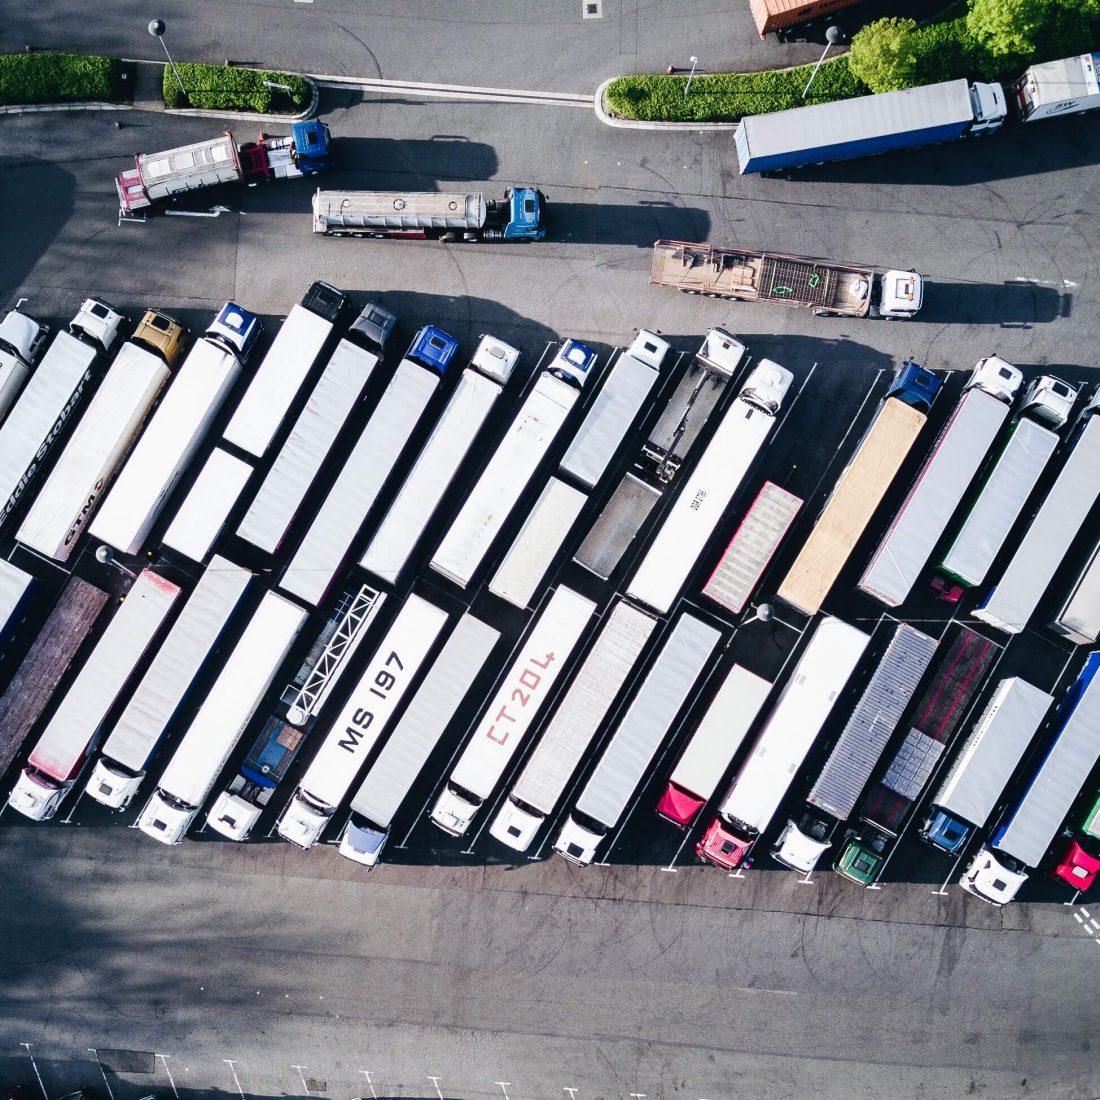 rij met vrachtauto's op de parkeerplaats